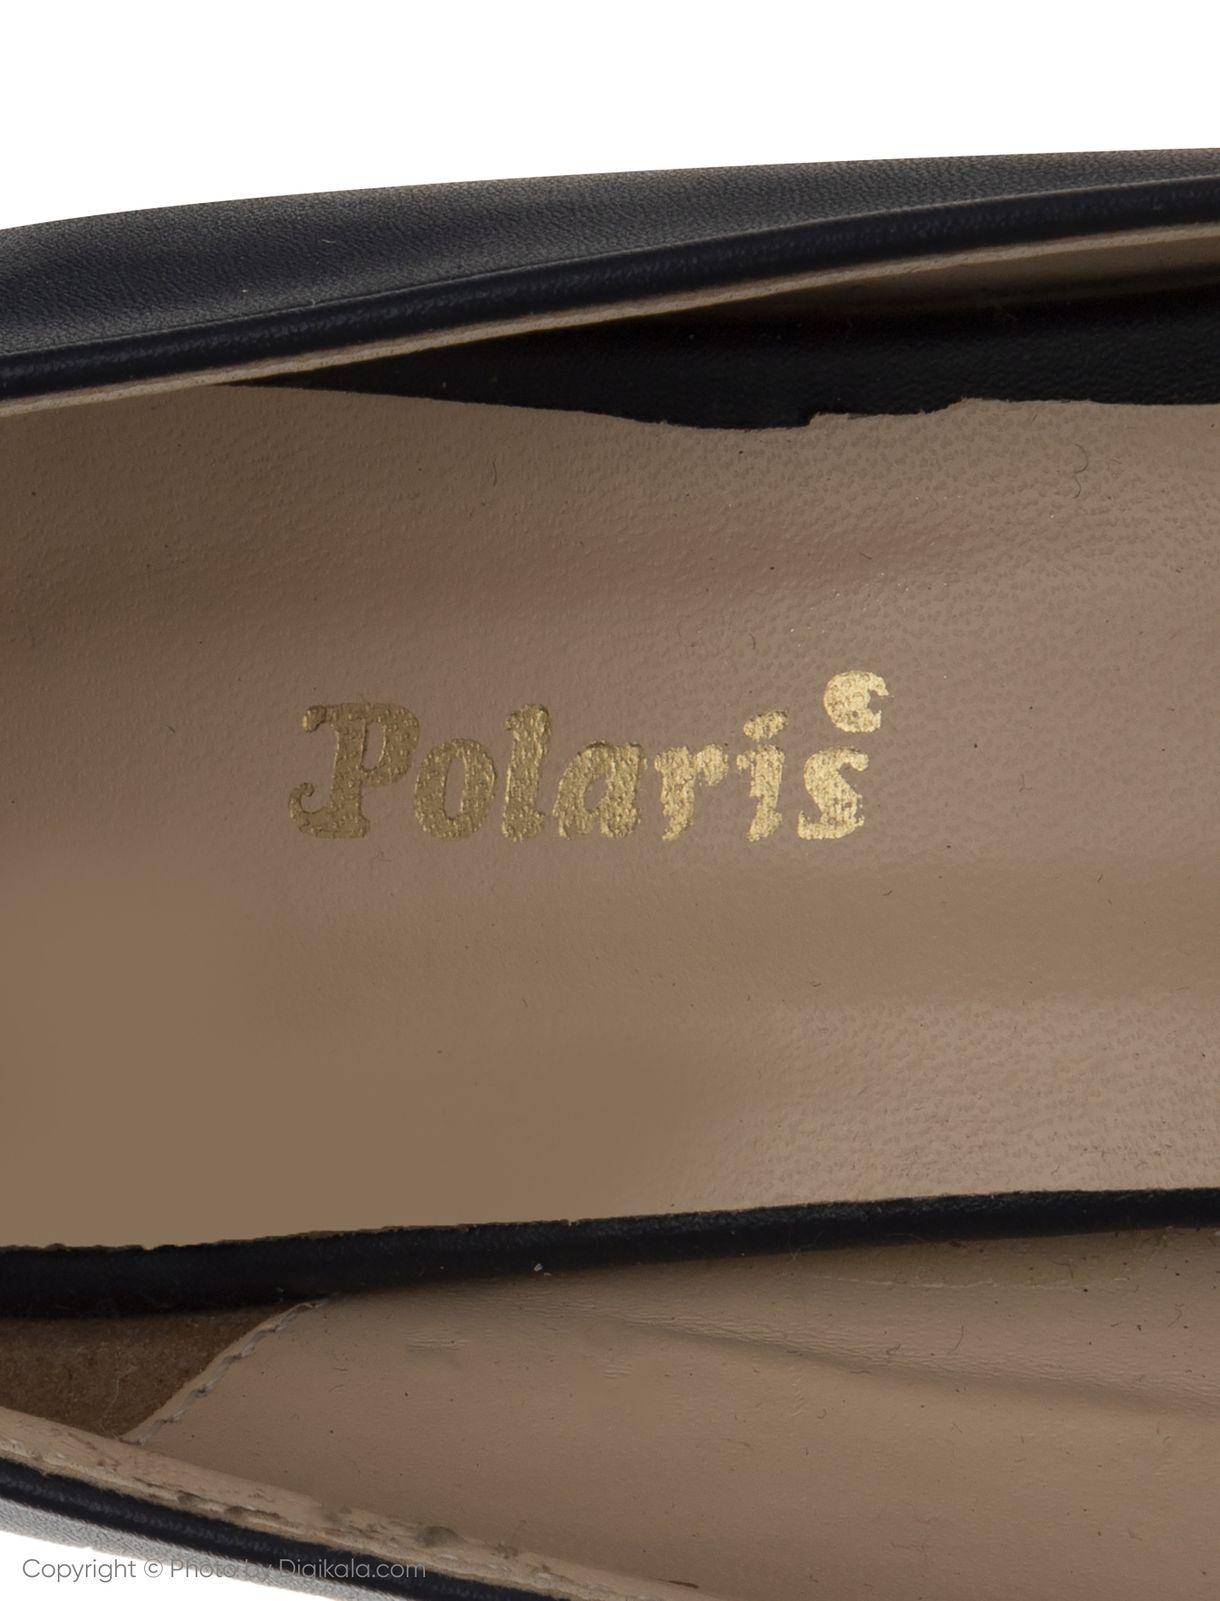 کفش زنانه پولاریس مدل 100294709-113 main 1 6